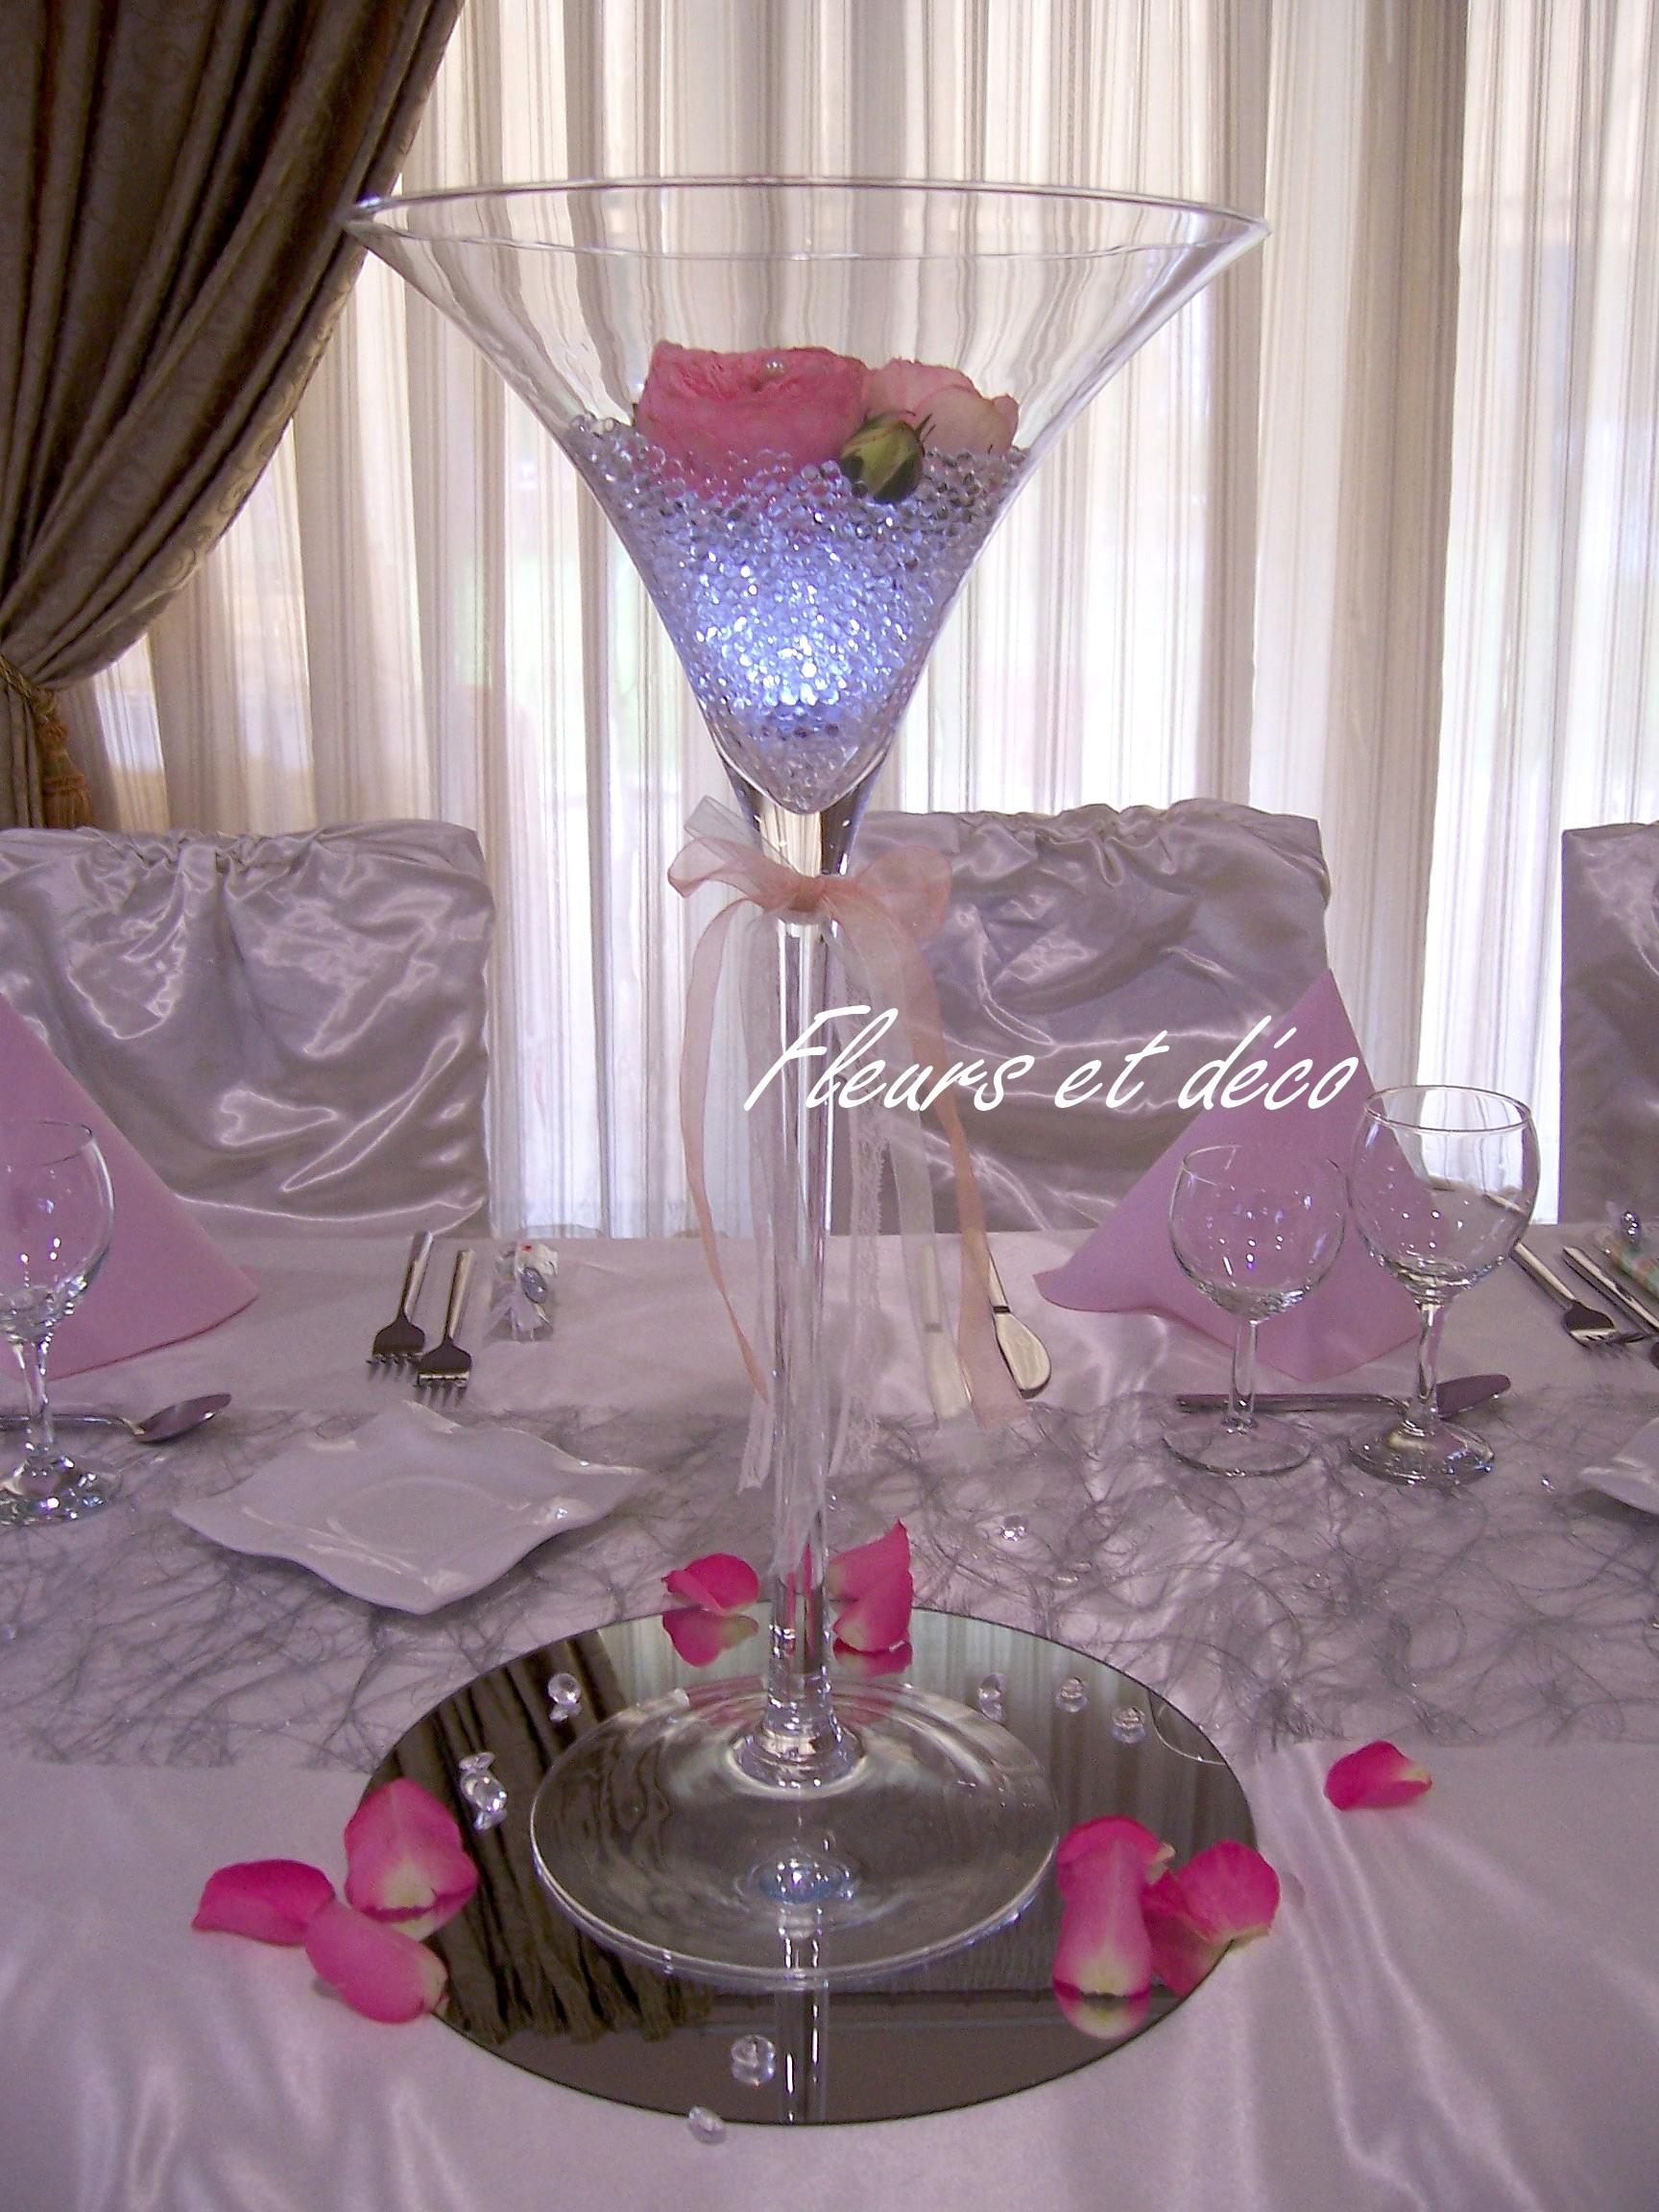 billes d 39 eau transparentes gm diam 12 fleurs et d co. Black Bedroom Furniture Sets. Home Design Ideas